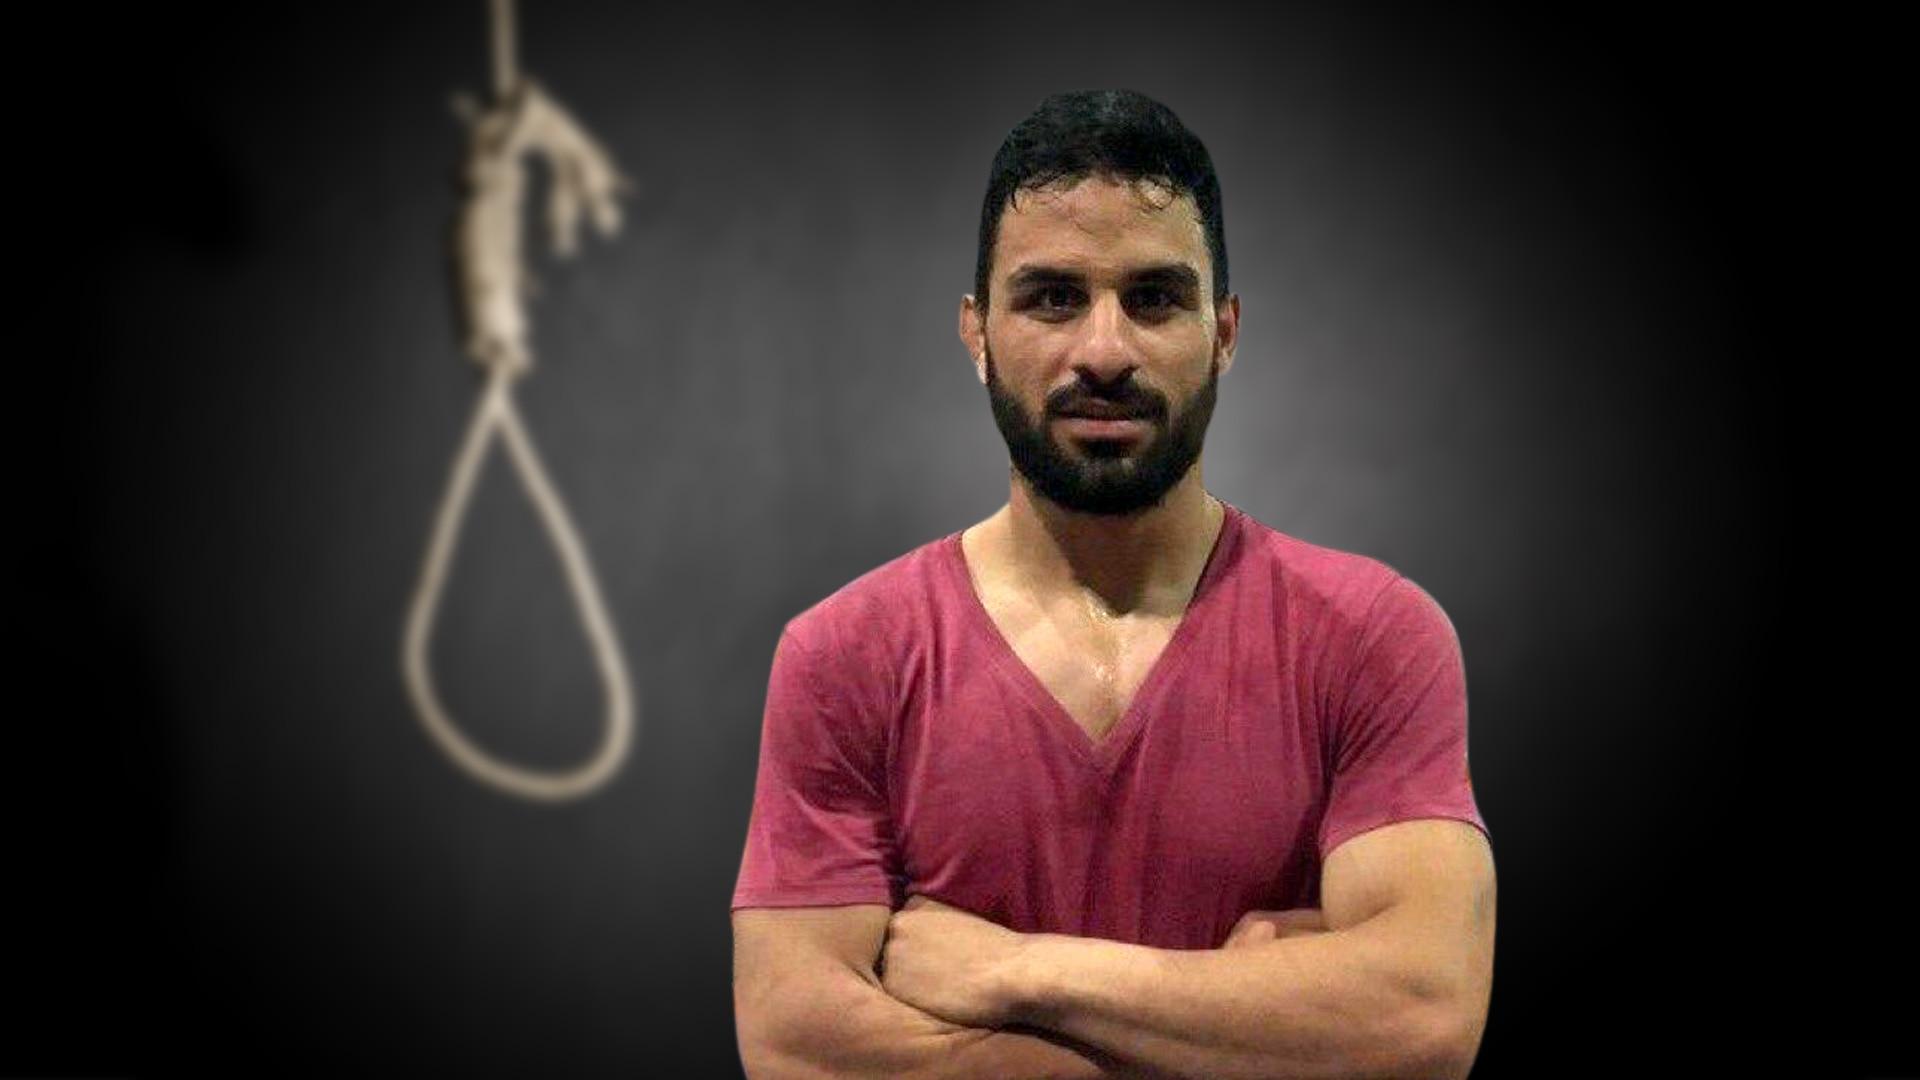 سخنگوی مسئول سیاست خارجی اتحادیه اروپا در واکنش به اعدام نوید افکاری،  مجازات اعدام را «بیرحمانه و غیرانسانی» خواند